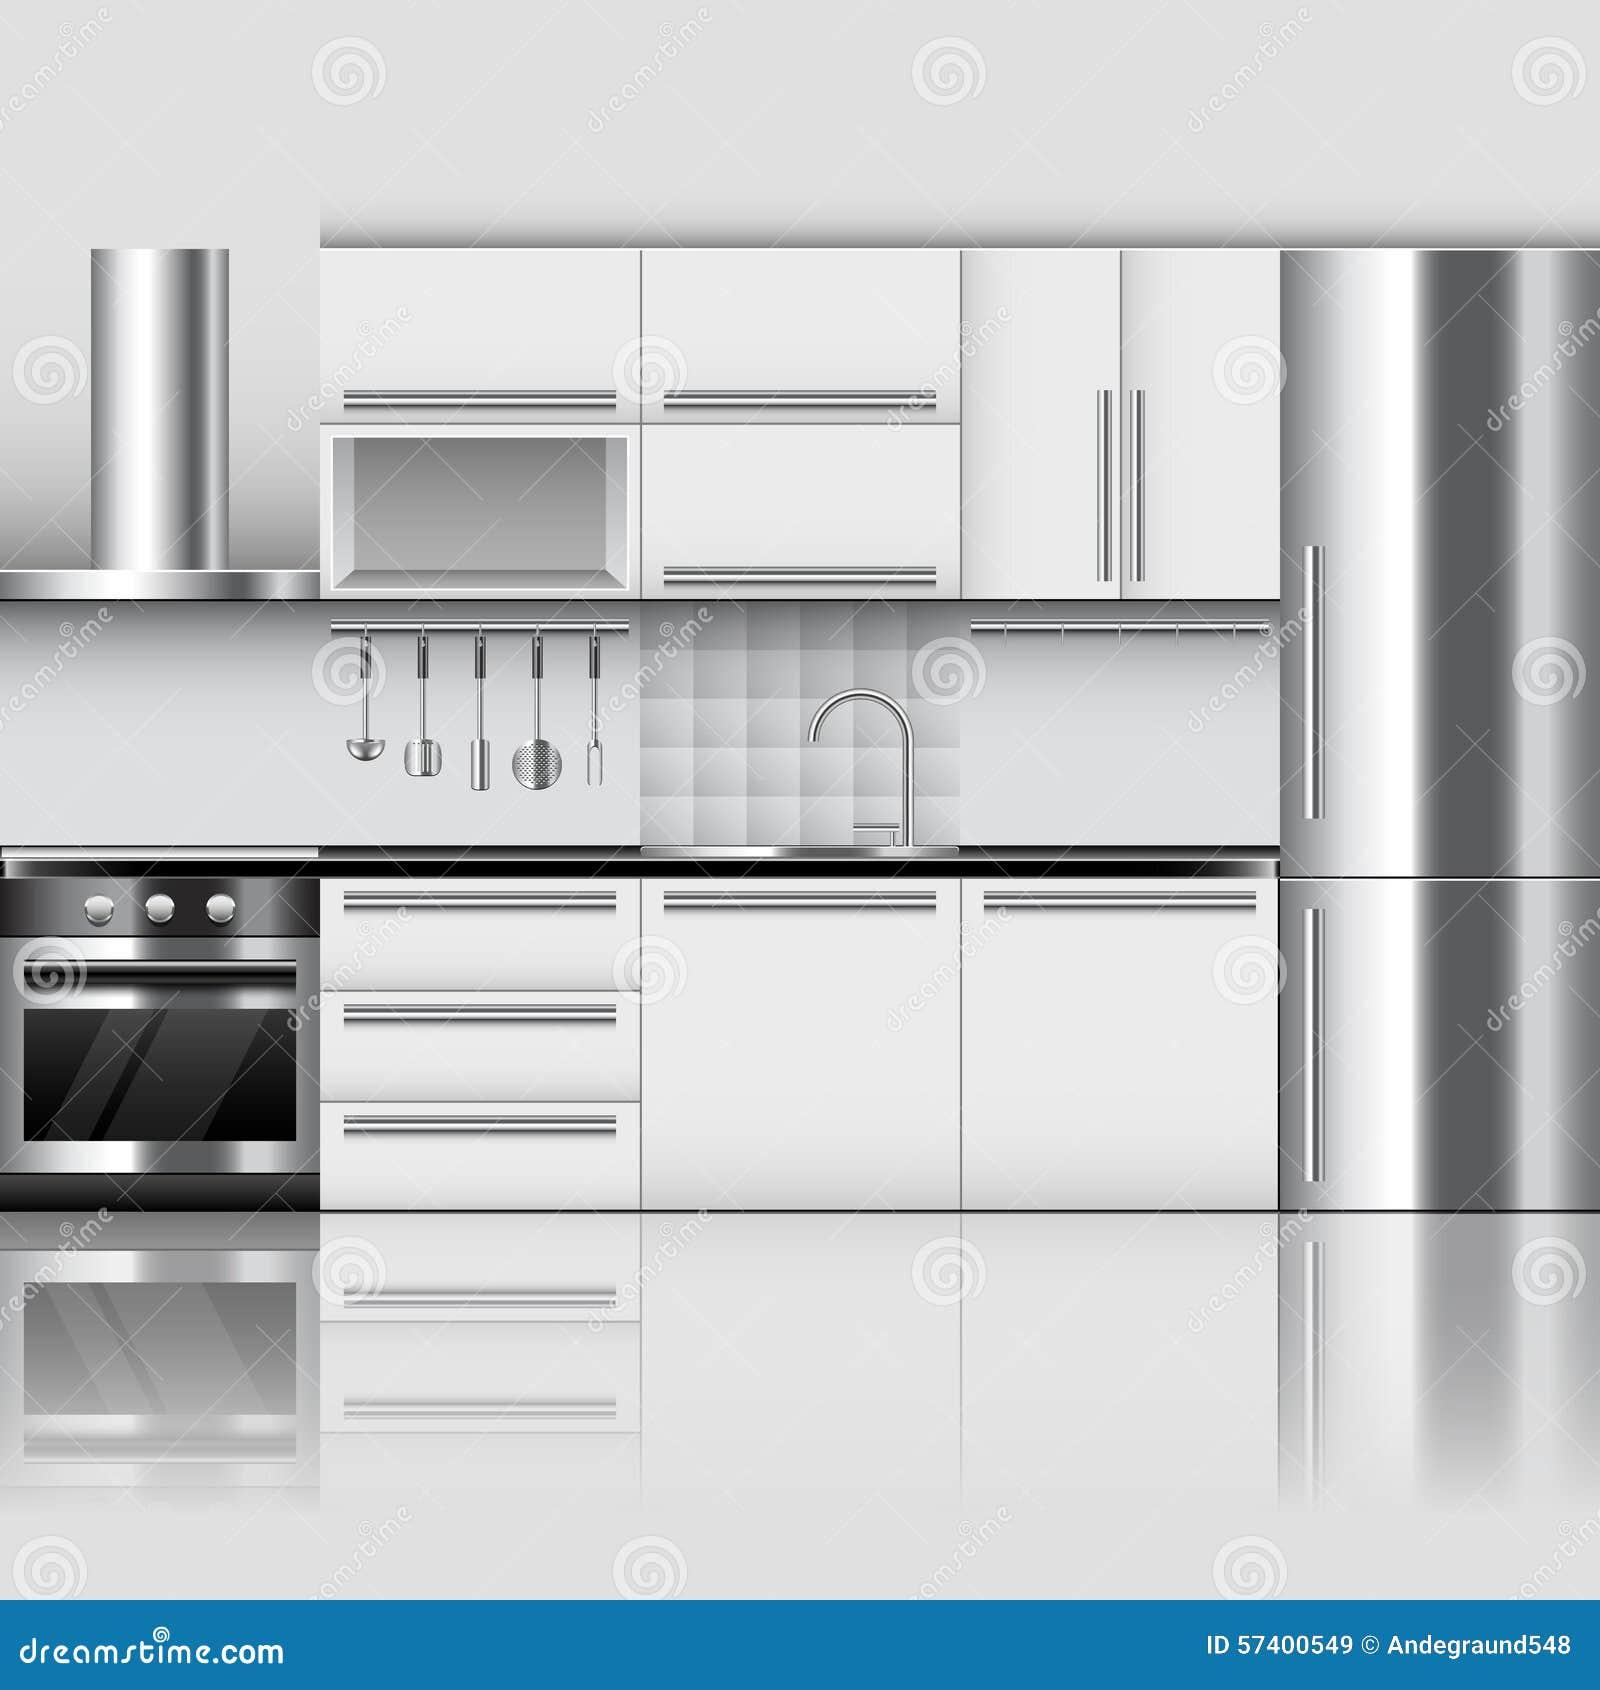 Modern kitchen interior vector background